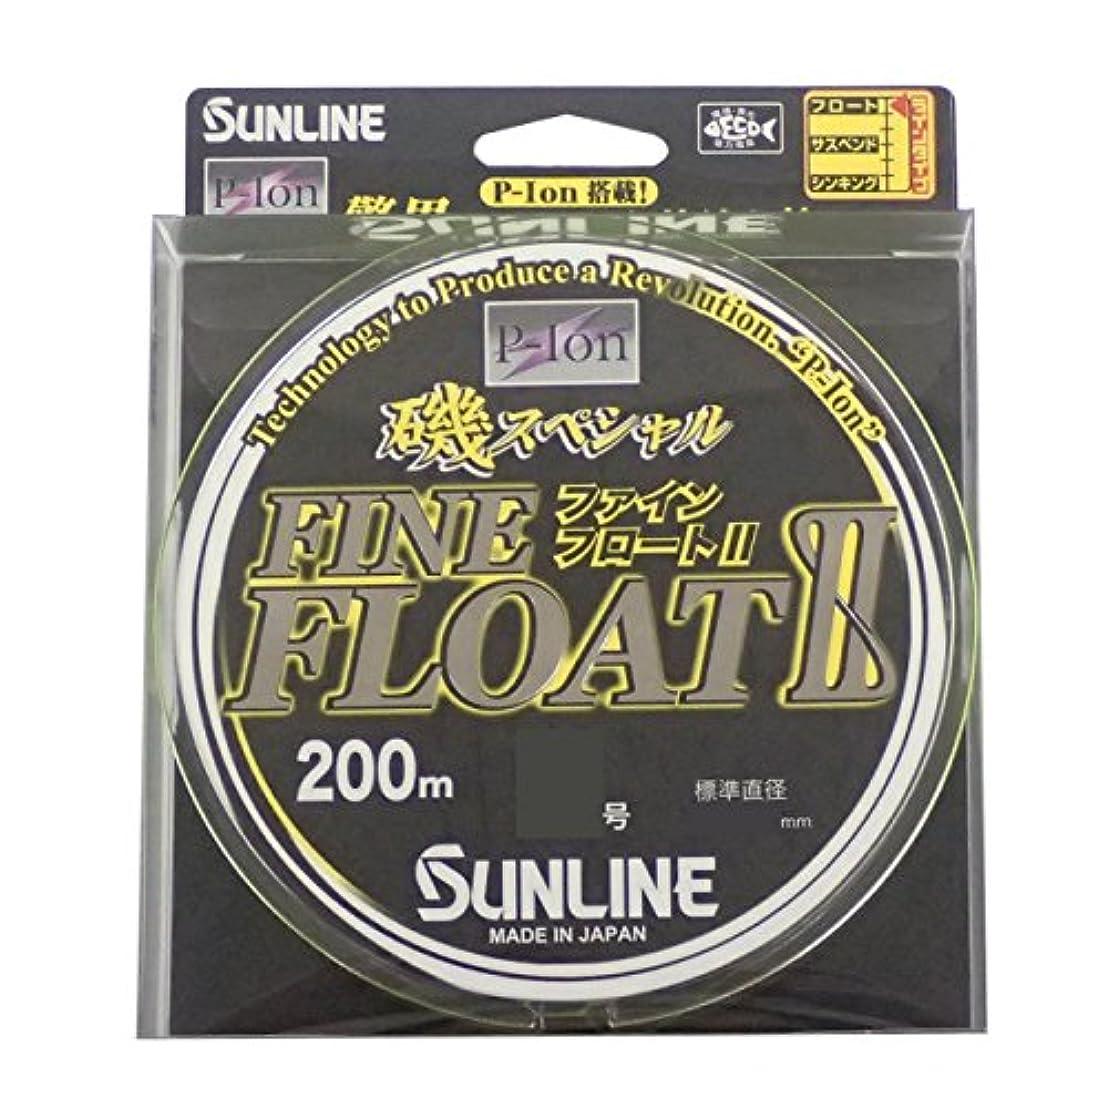 注釈ハイランドモンクサンライン(SUNLINE) ナイロンライン 磯スペシャル ファインフロートII 200m 10号 ビビットイエロー